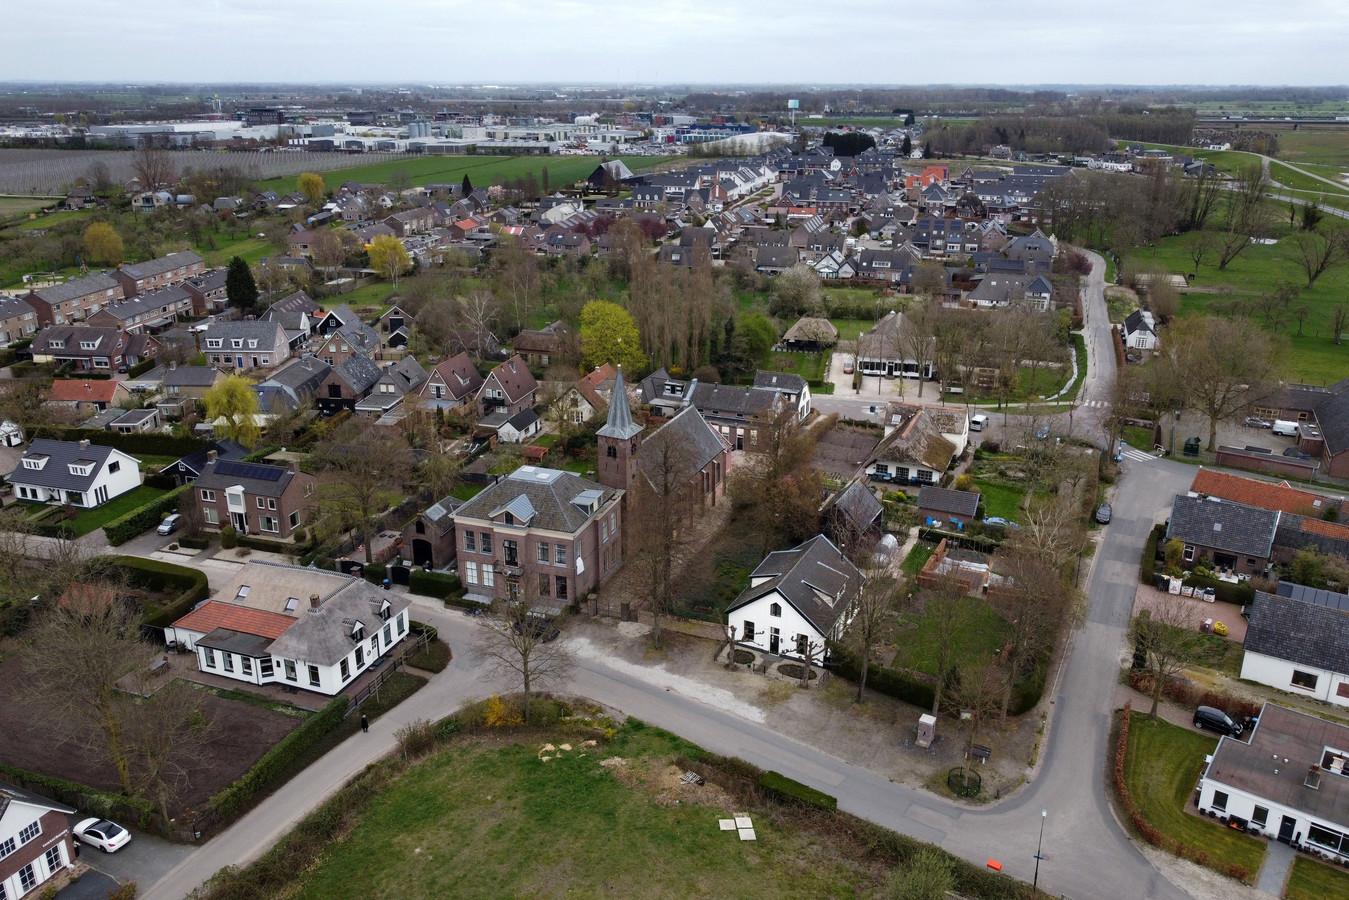 Luchtfoto van Tuil, gemeente West Betuwe.